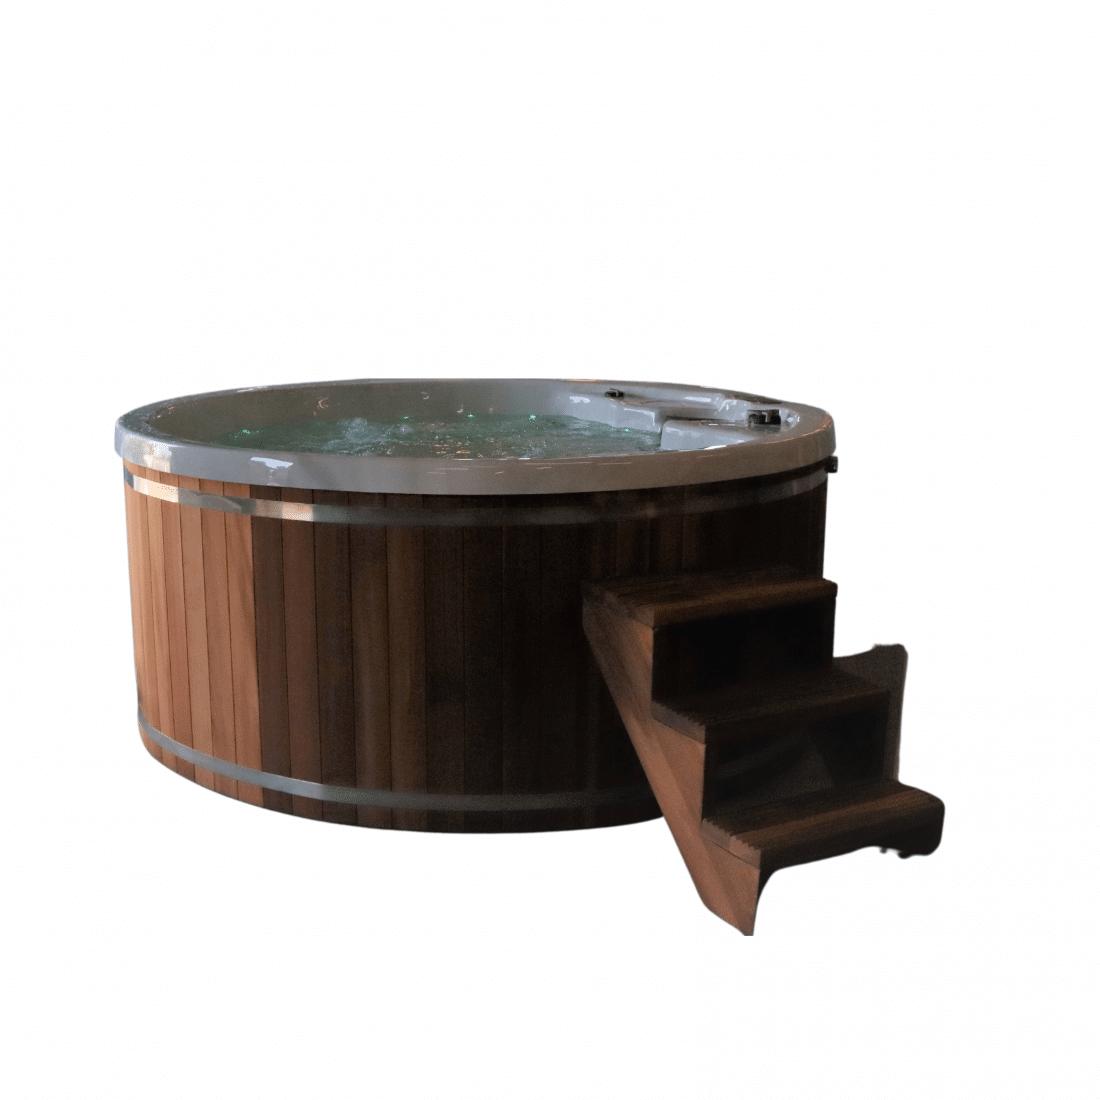 Elektrische Wellness Tub Hottub